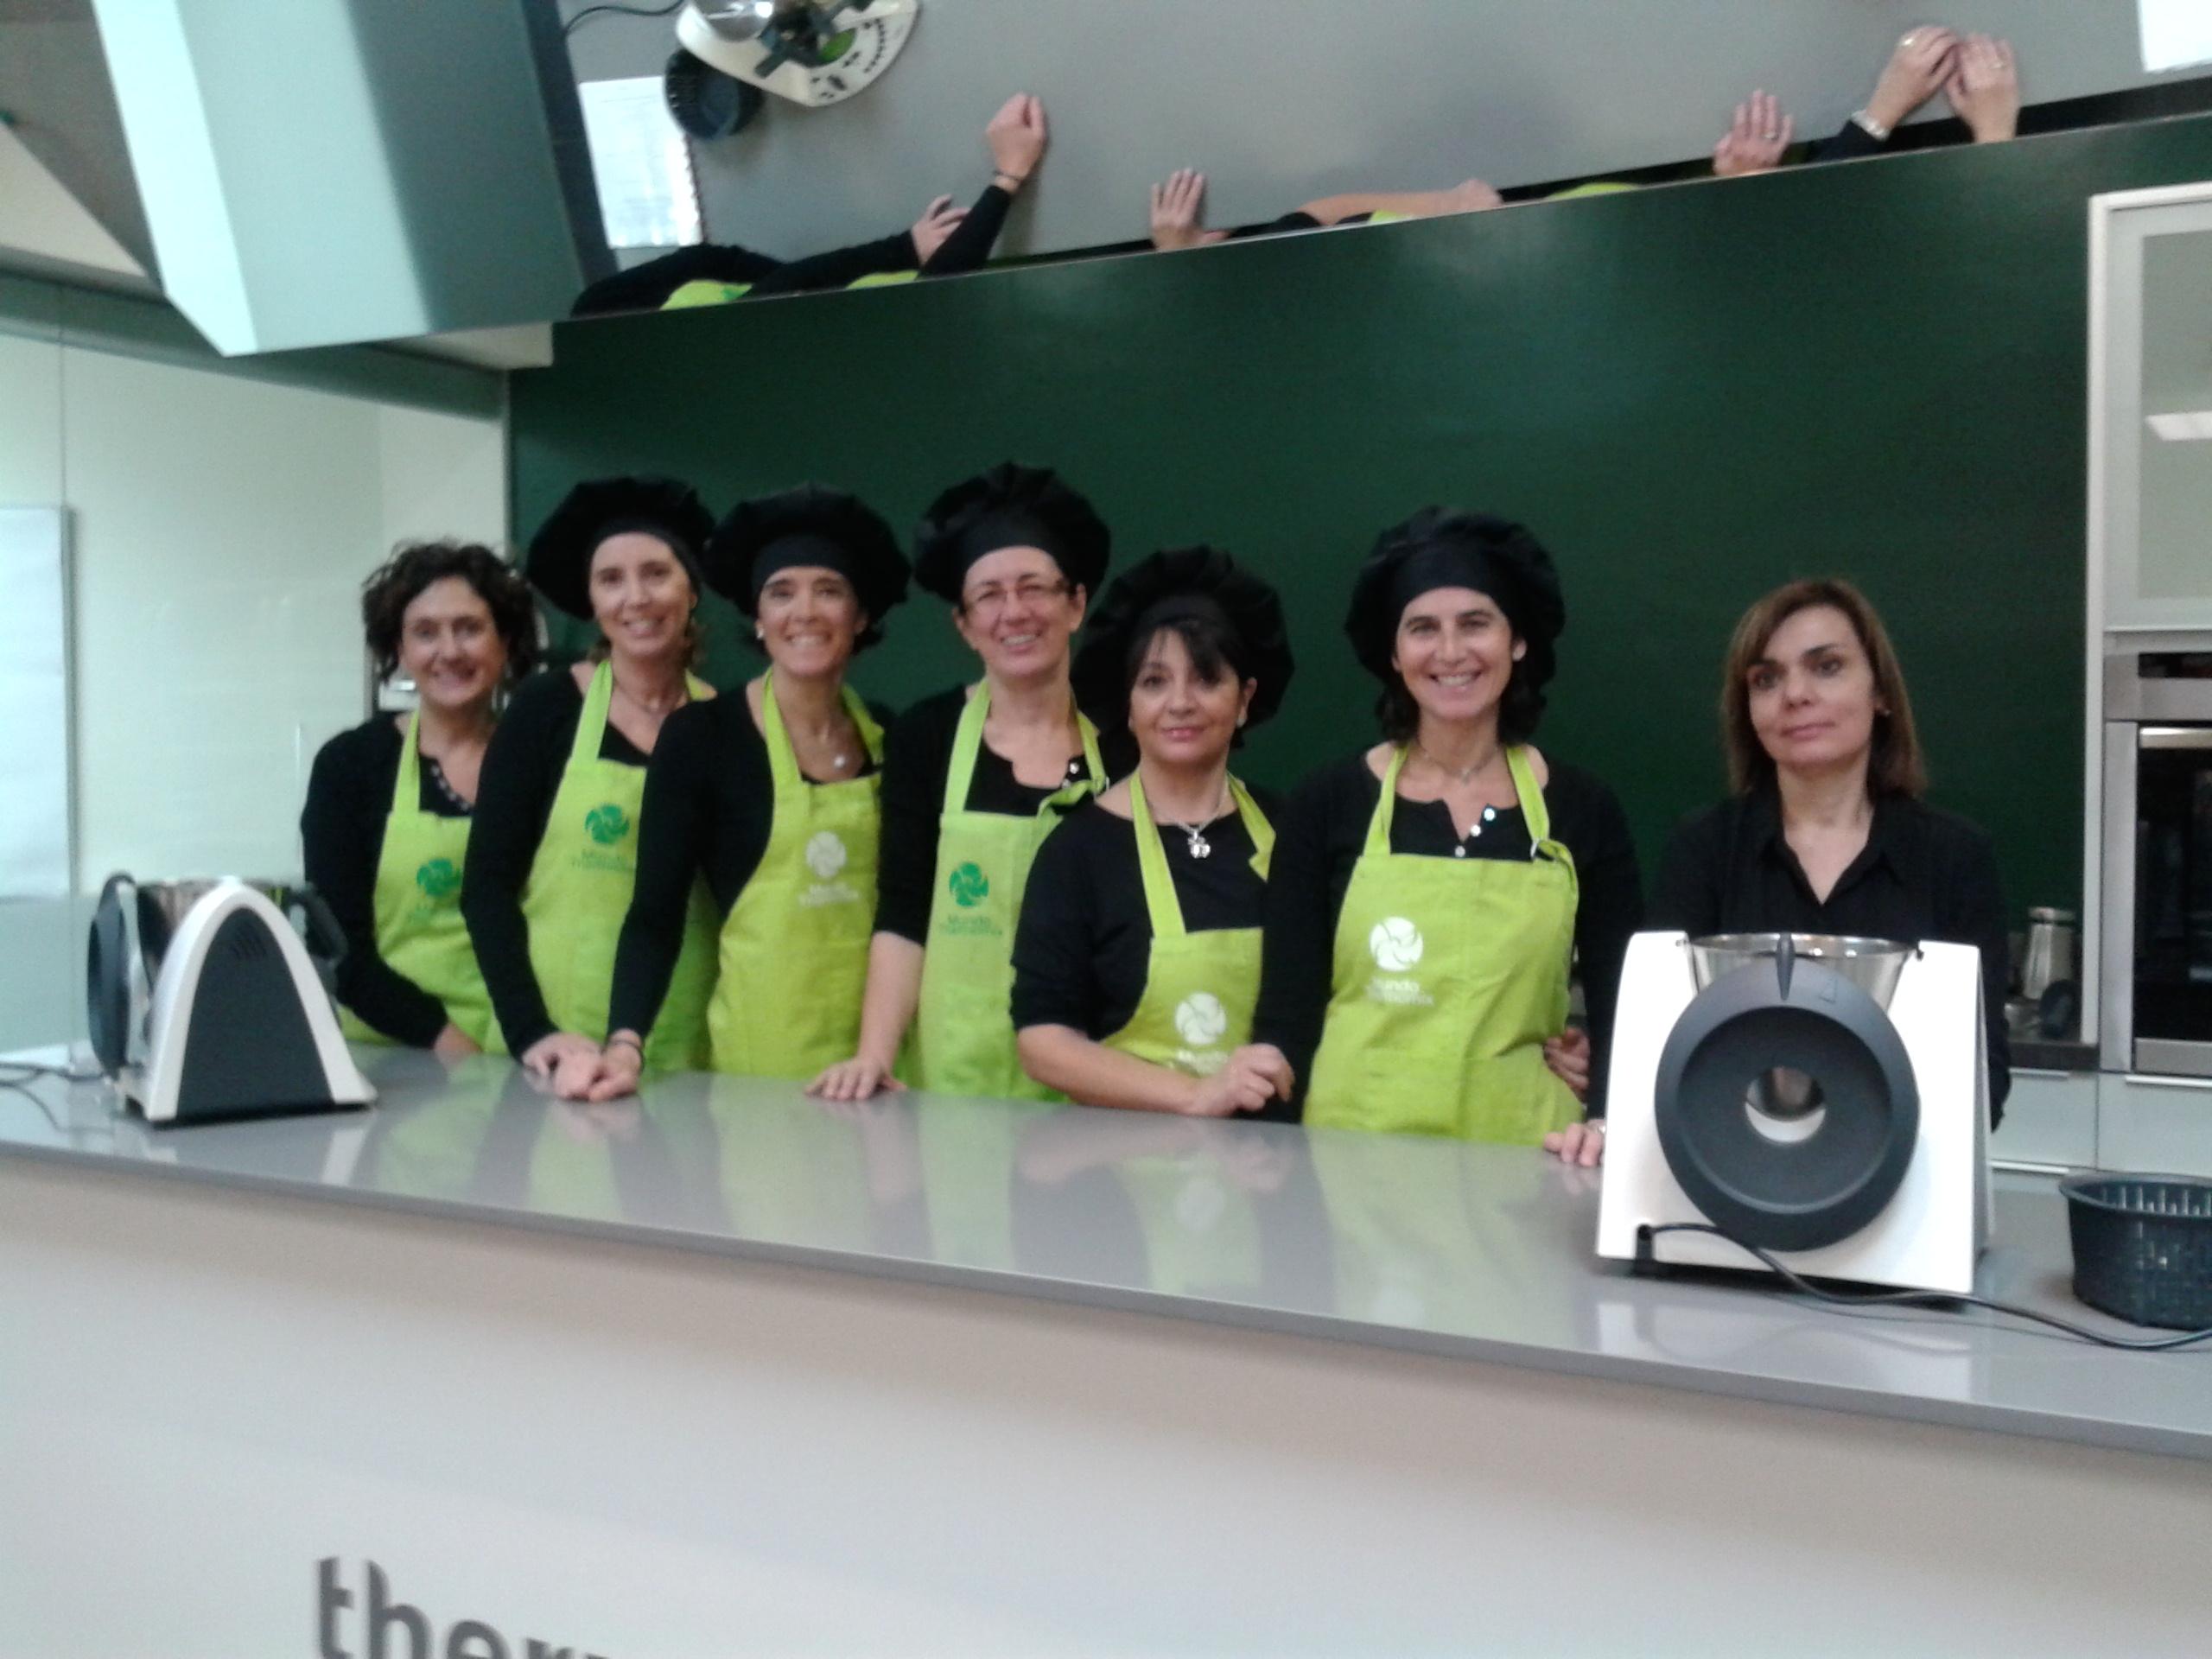 Clases de cocina thermomix sabadell equipo lis noticias blog blog de elisabet romaguera - Cursos de cocina sabadell ...